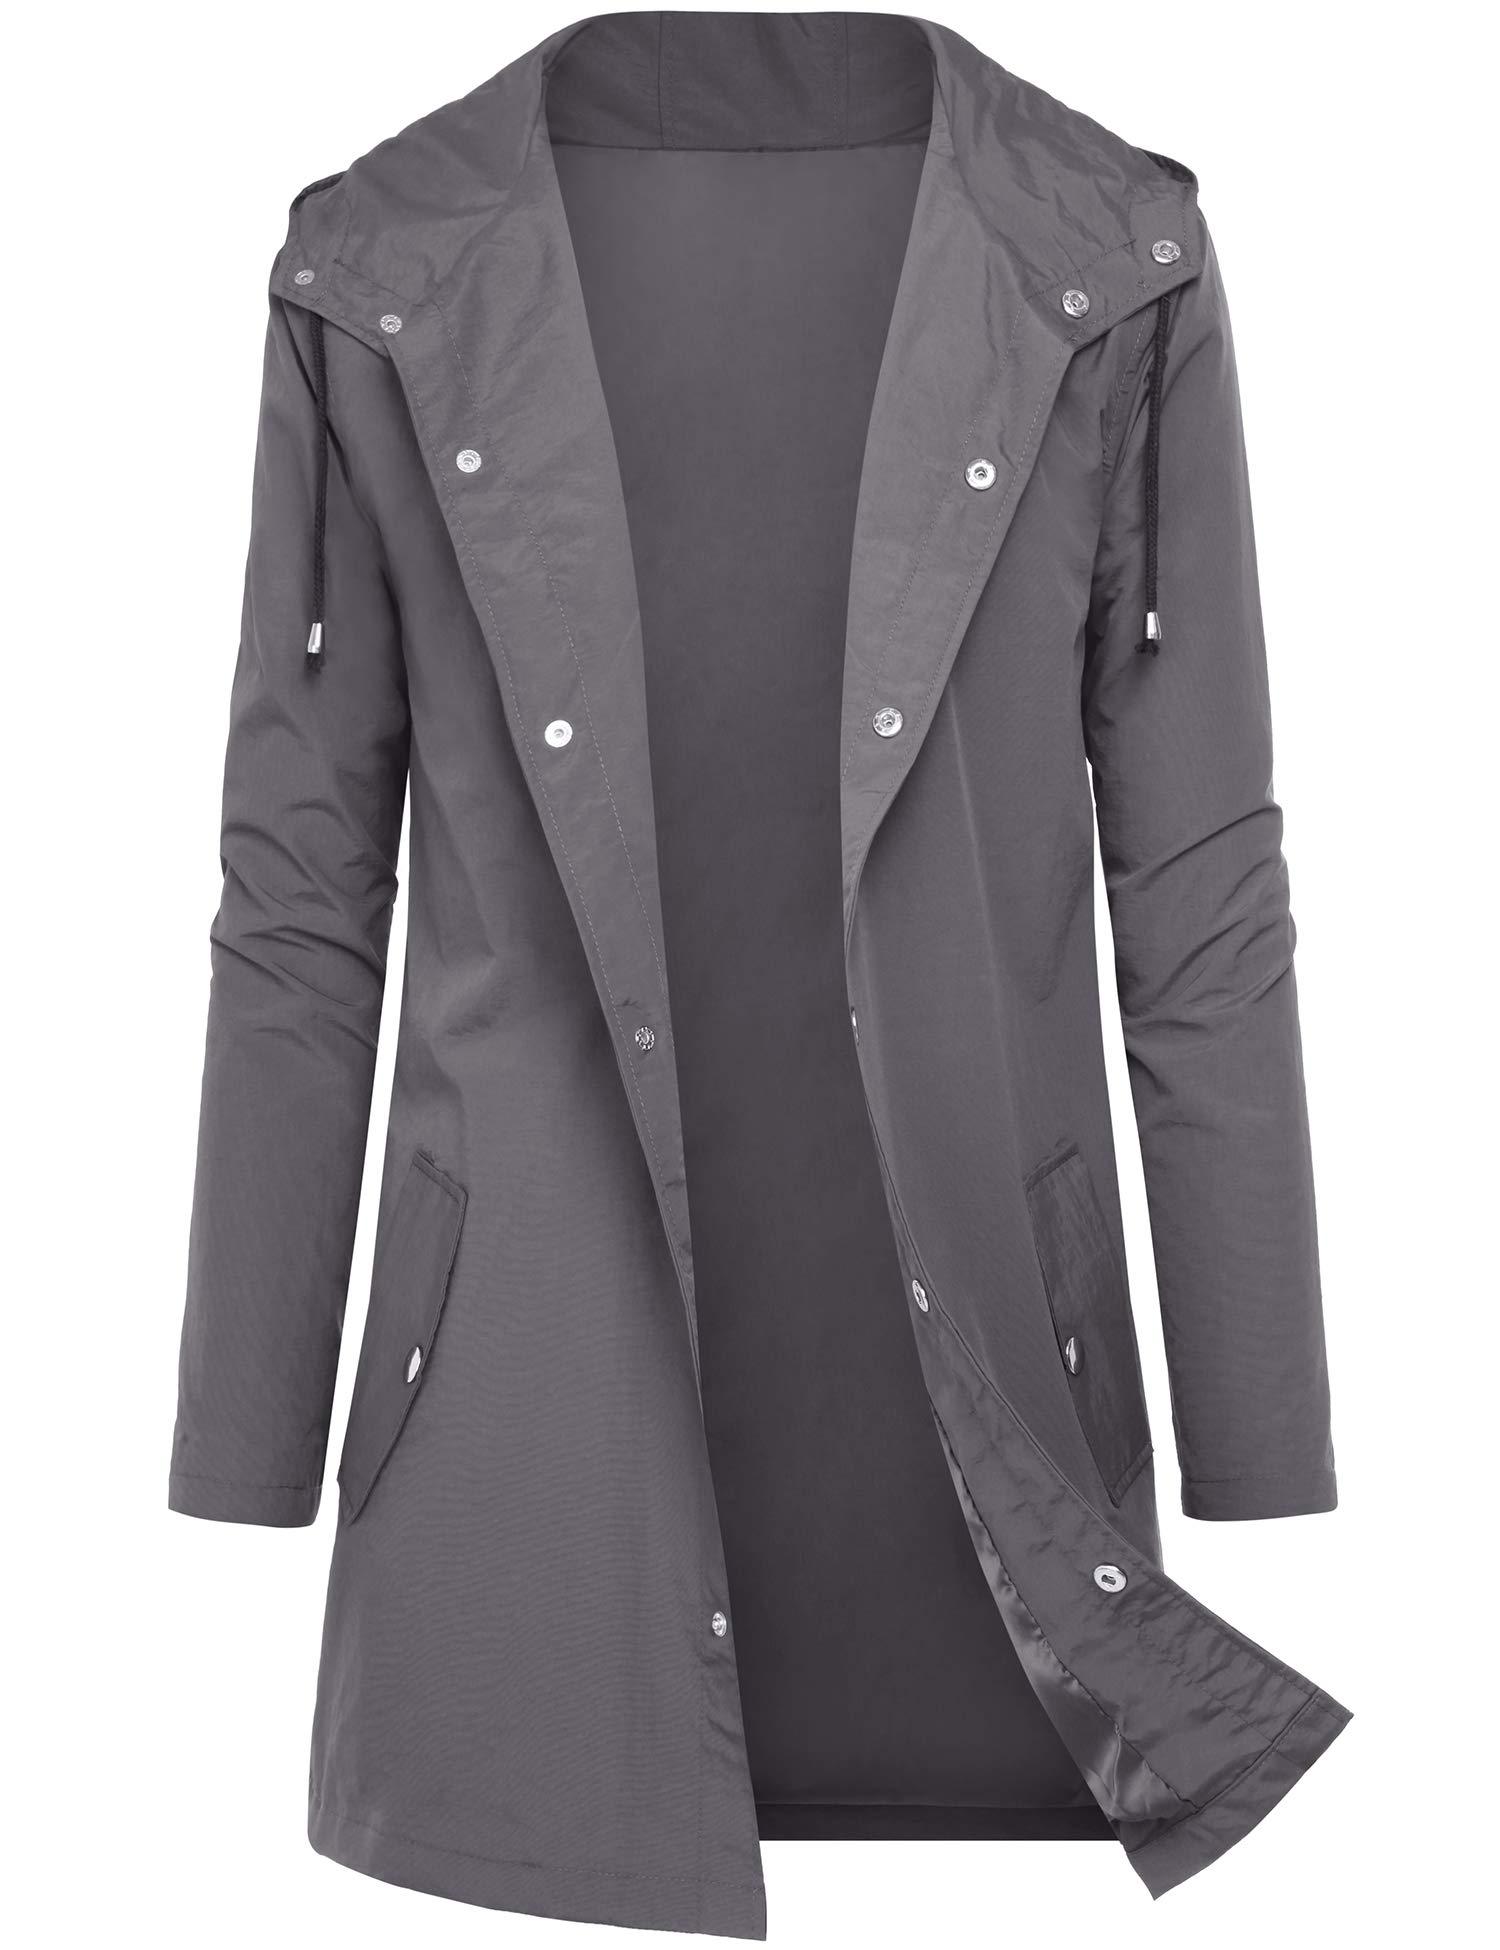 DOSWODE Men Waterproof Raincoat Hooded Windbreaker Lightweight Long Rain Jacket Active Outdoor Trench Grey_M